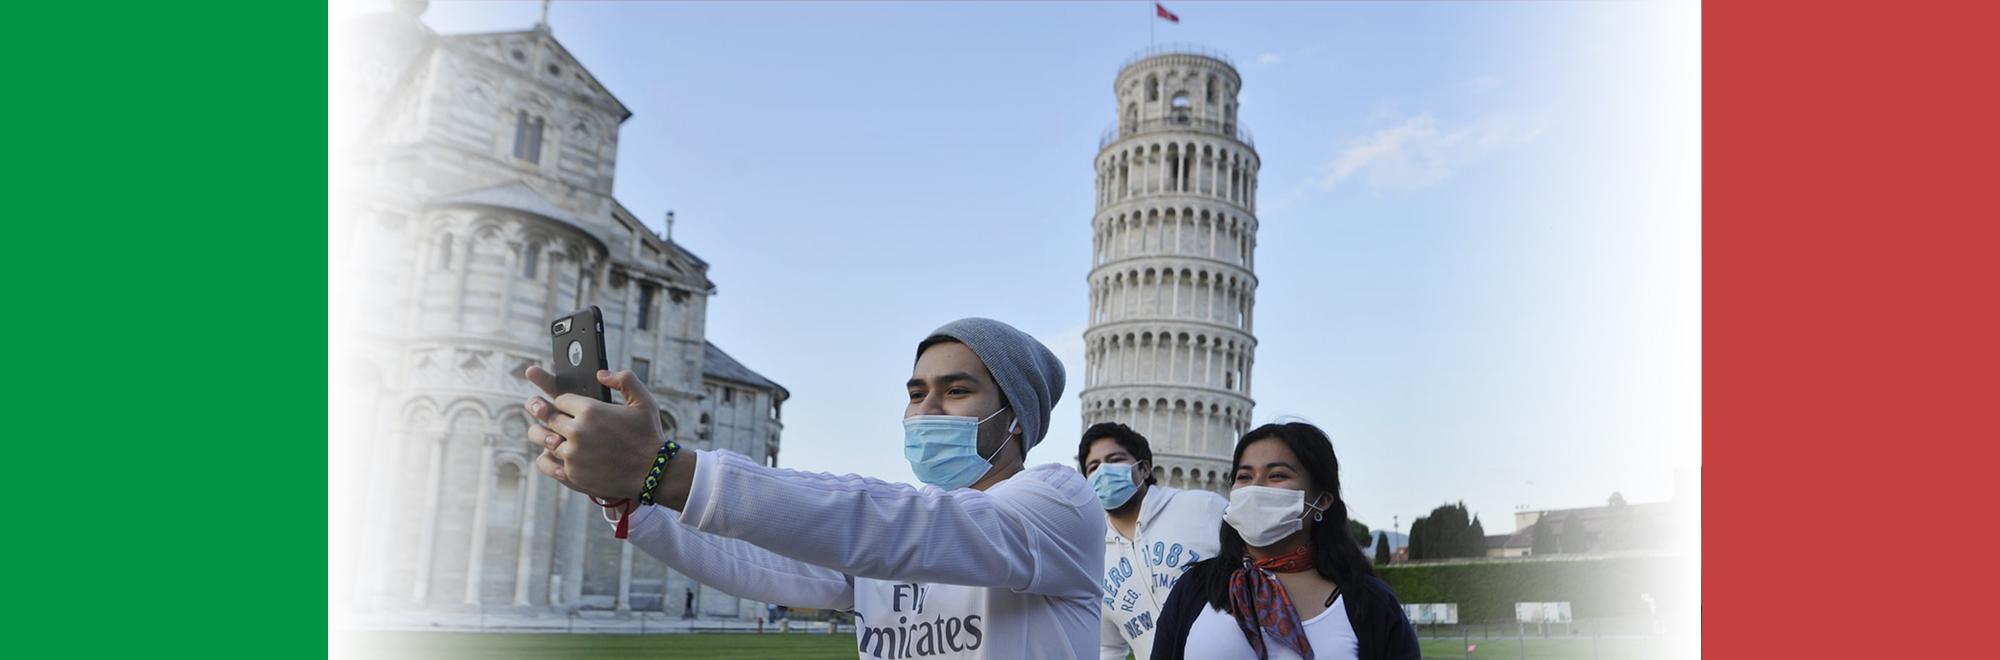 Італія переживає епідемію: спільно з креативними індустріями, через лоббі та ко-видання